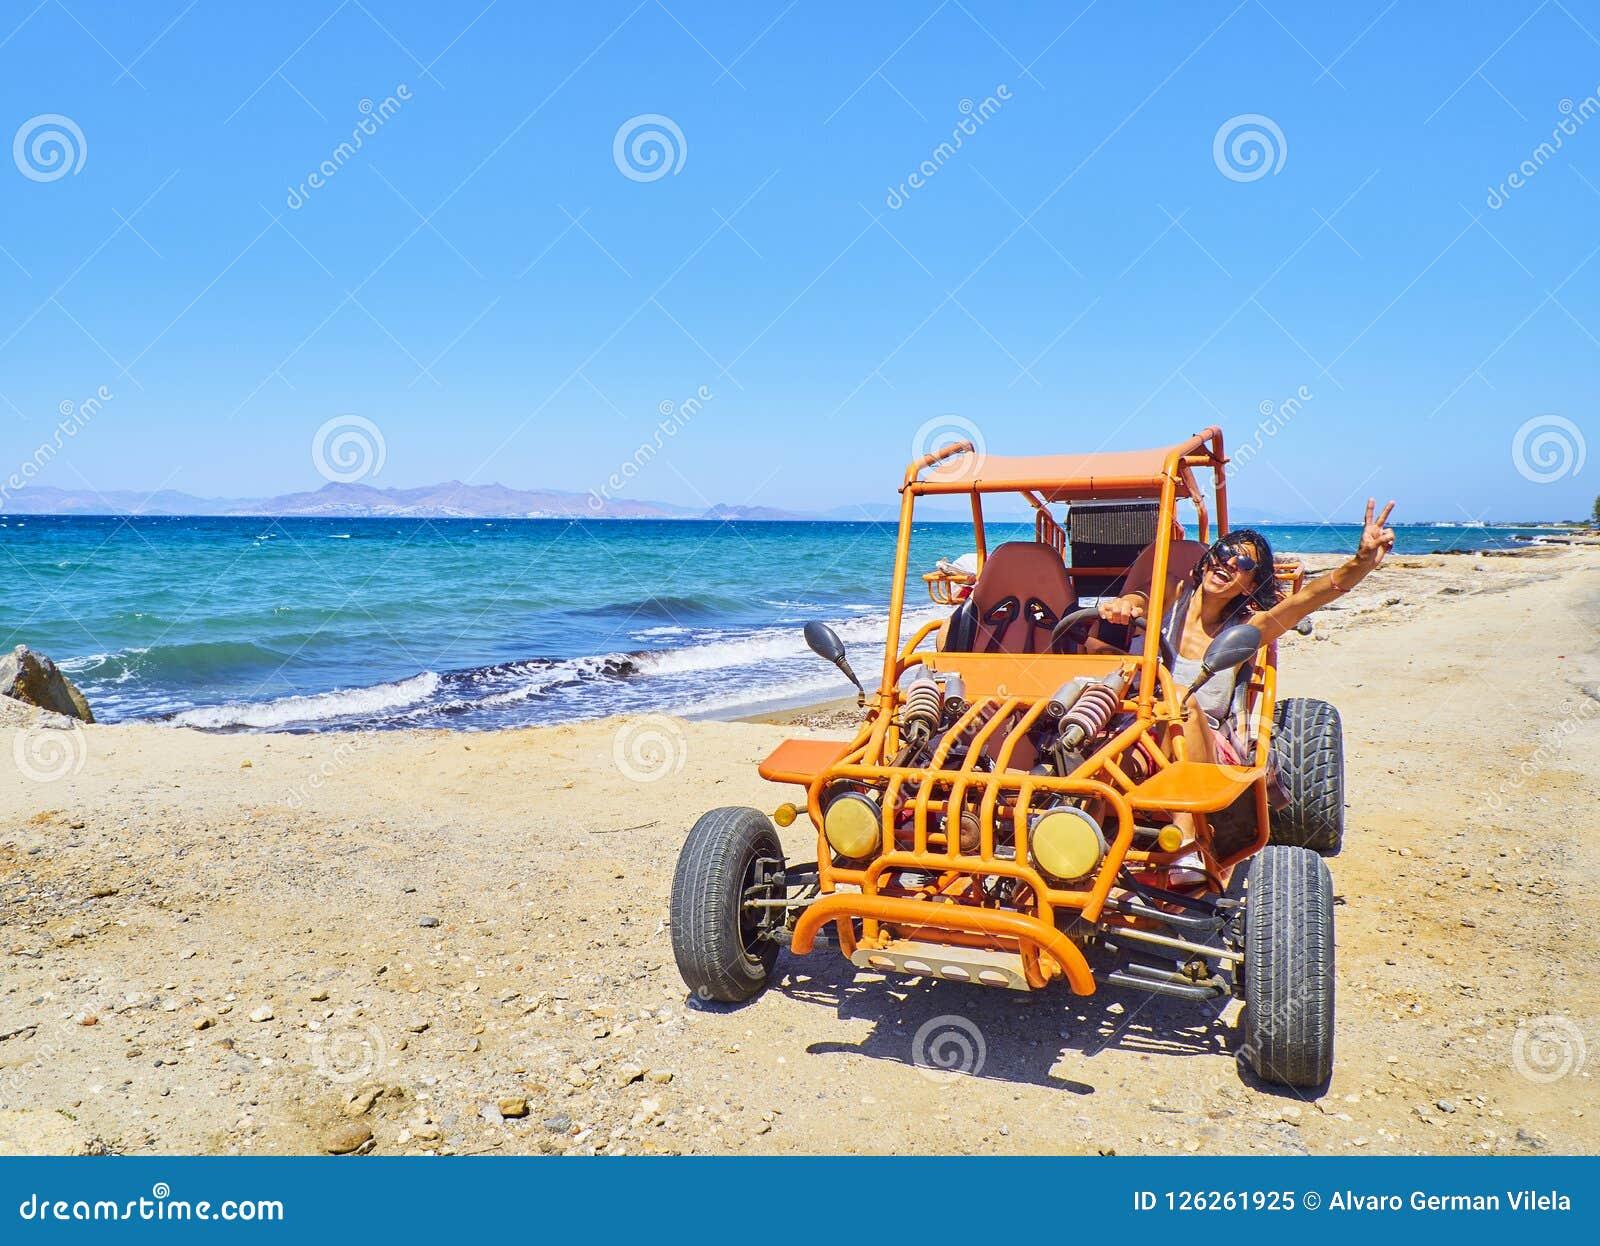 Uma menina feliz que conduz um carrinho em uma duna da praia Console de Kos sul